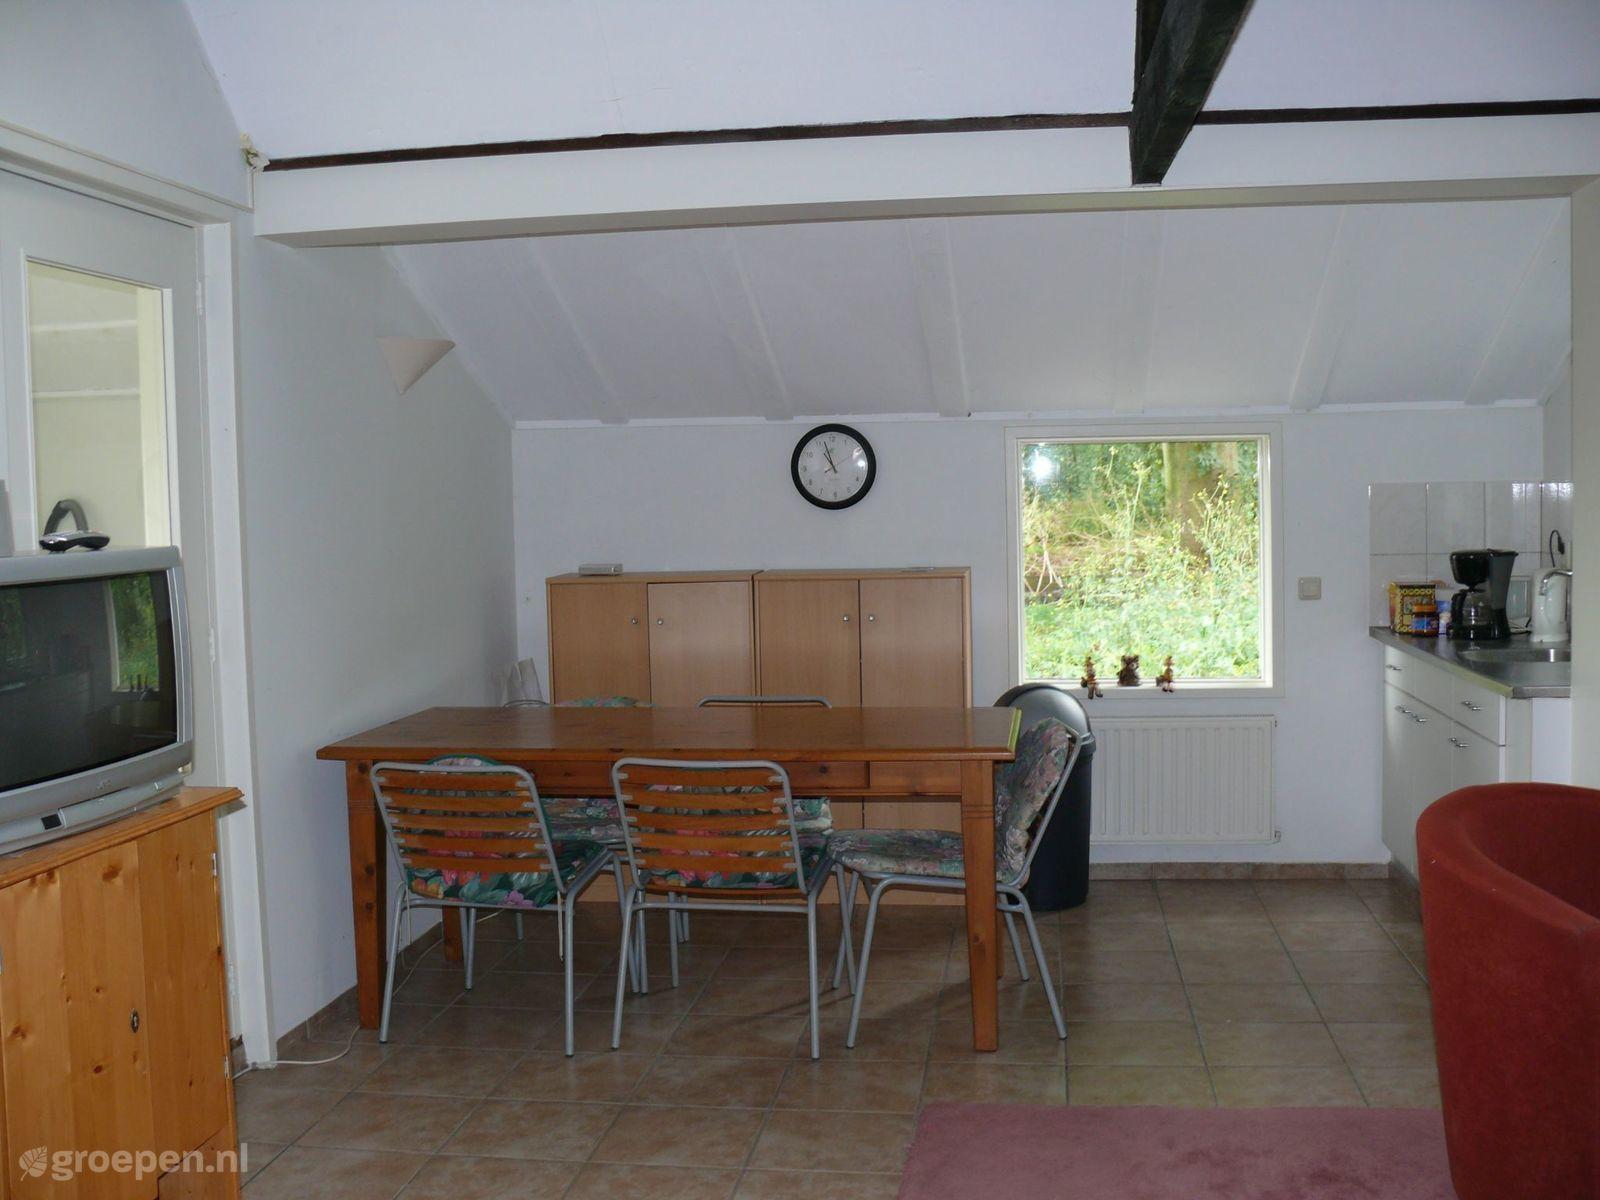 Vakantiehuis Nisse